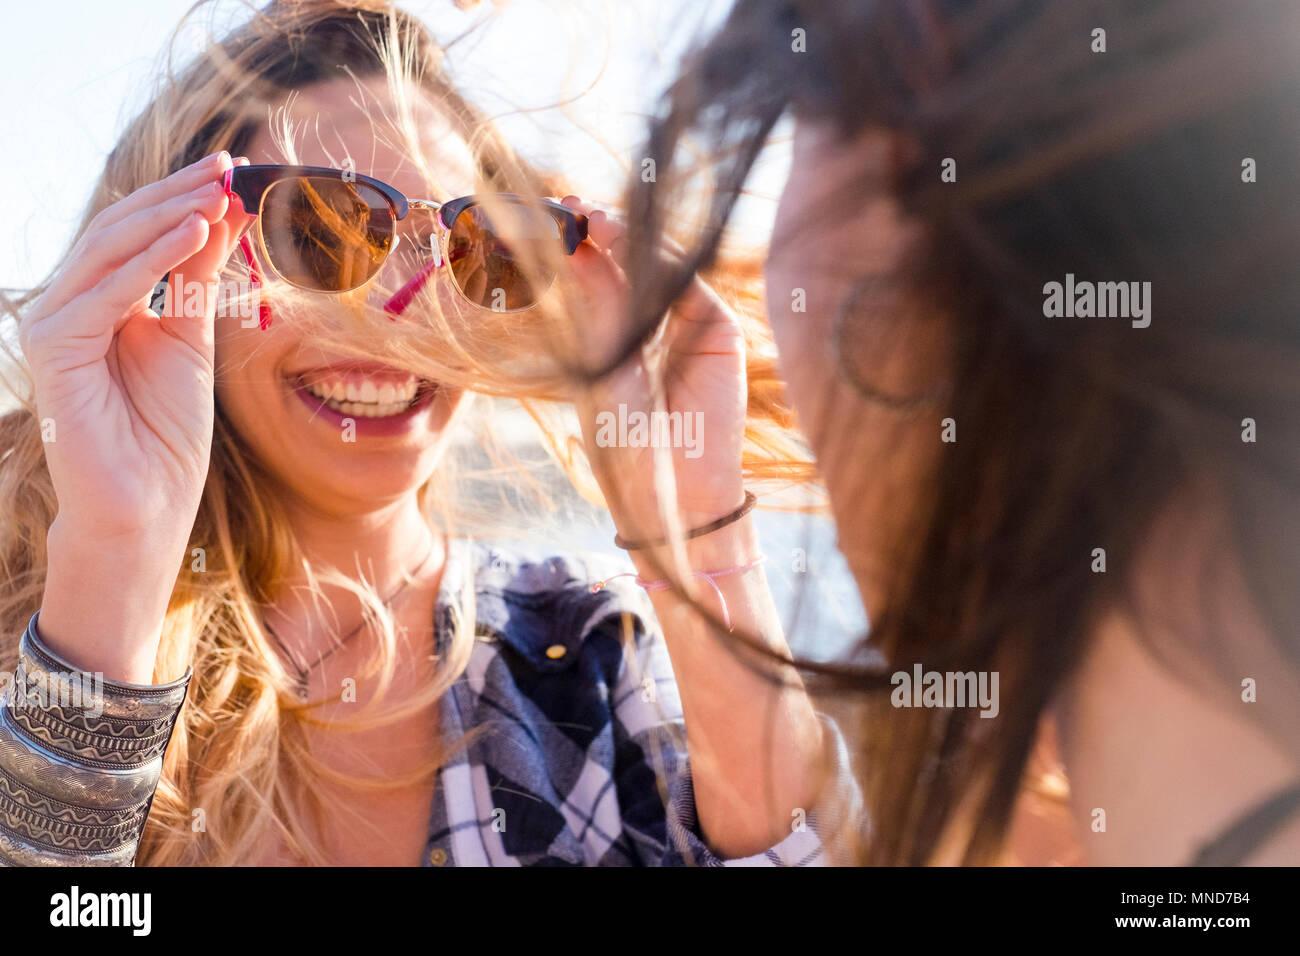 Zwei junge schöne Frau sehen sich mit Brillen in einem sonnigen Tag. Nettes lächeln gesehen von der Rückseite einer Frau. Freundschaft zwischen zwei spanischen Stockbild